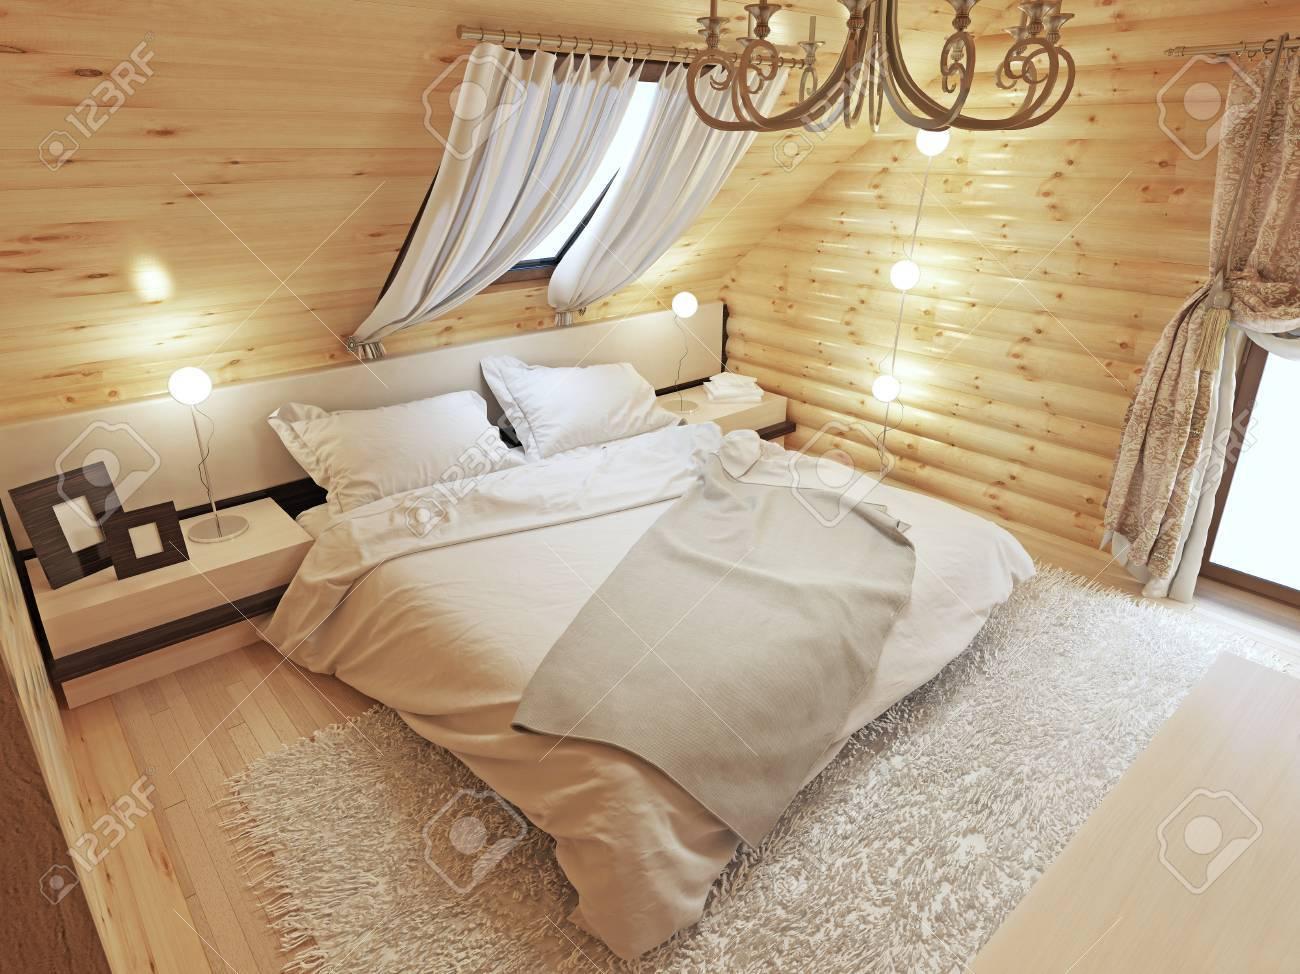 Aménagement Grenier En Chambre Autorisation intérieur de la chambre à coucher dans un rondin au grenier avec une  fenêtre de toit. grande chambre avec tables de chevet et un tapis shaggy.  chambre